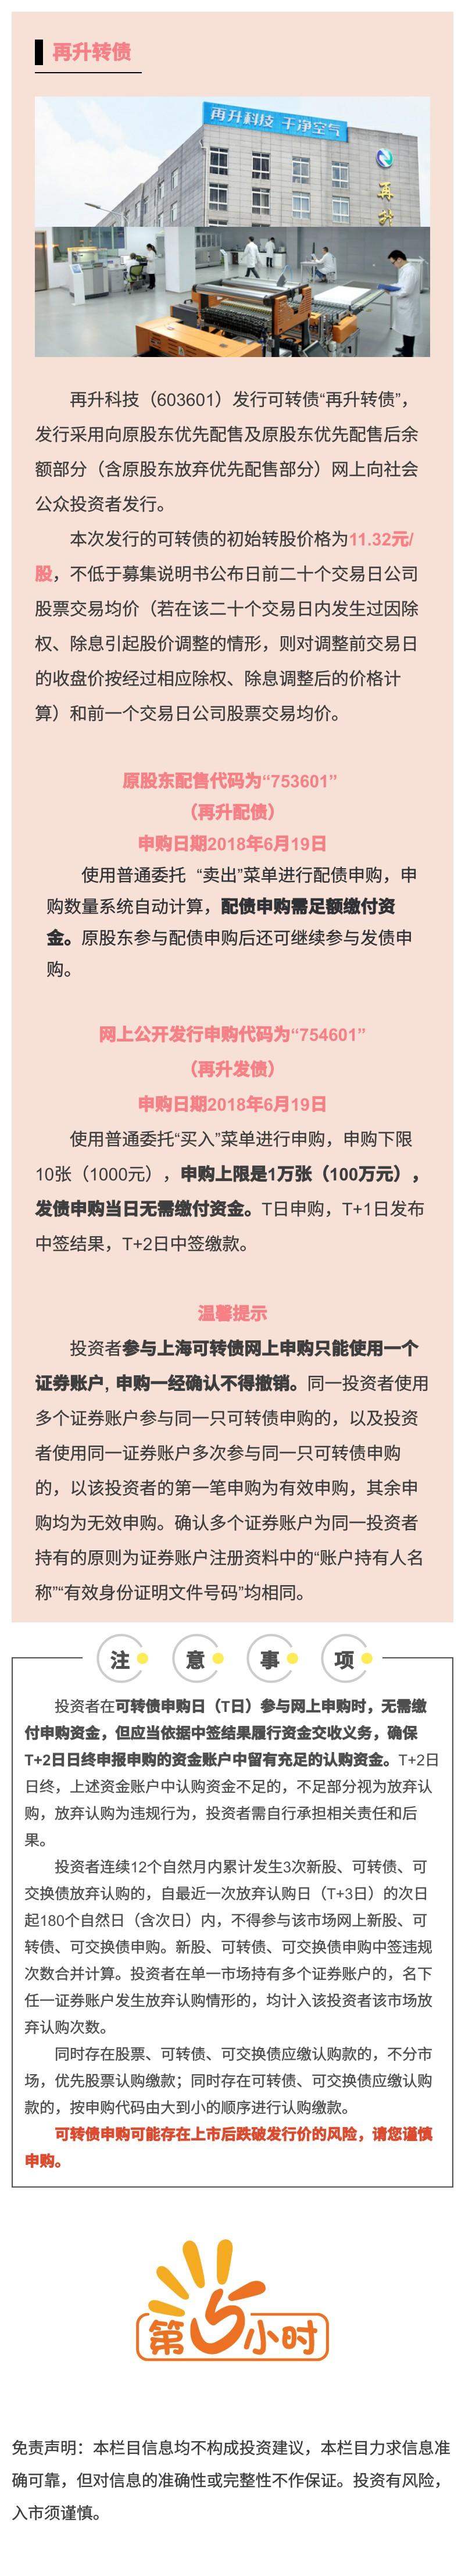 【新债申购】再升科技(603601)公开发行可转换公司债.jpg